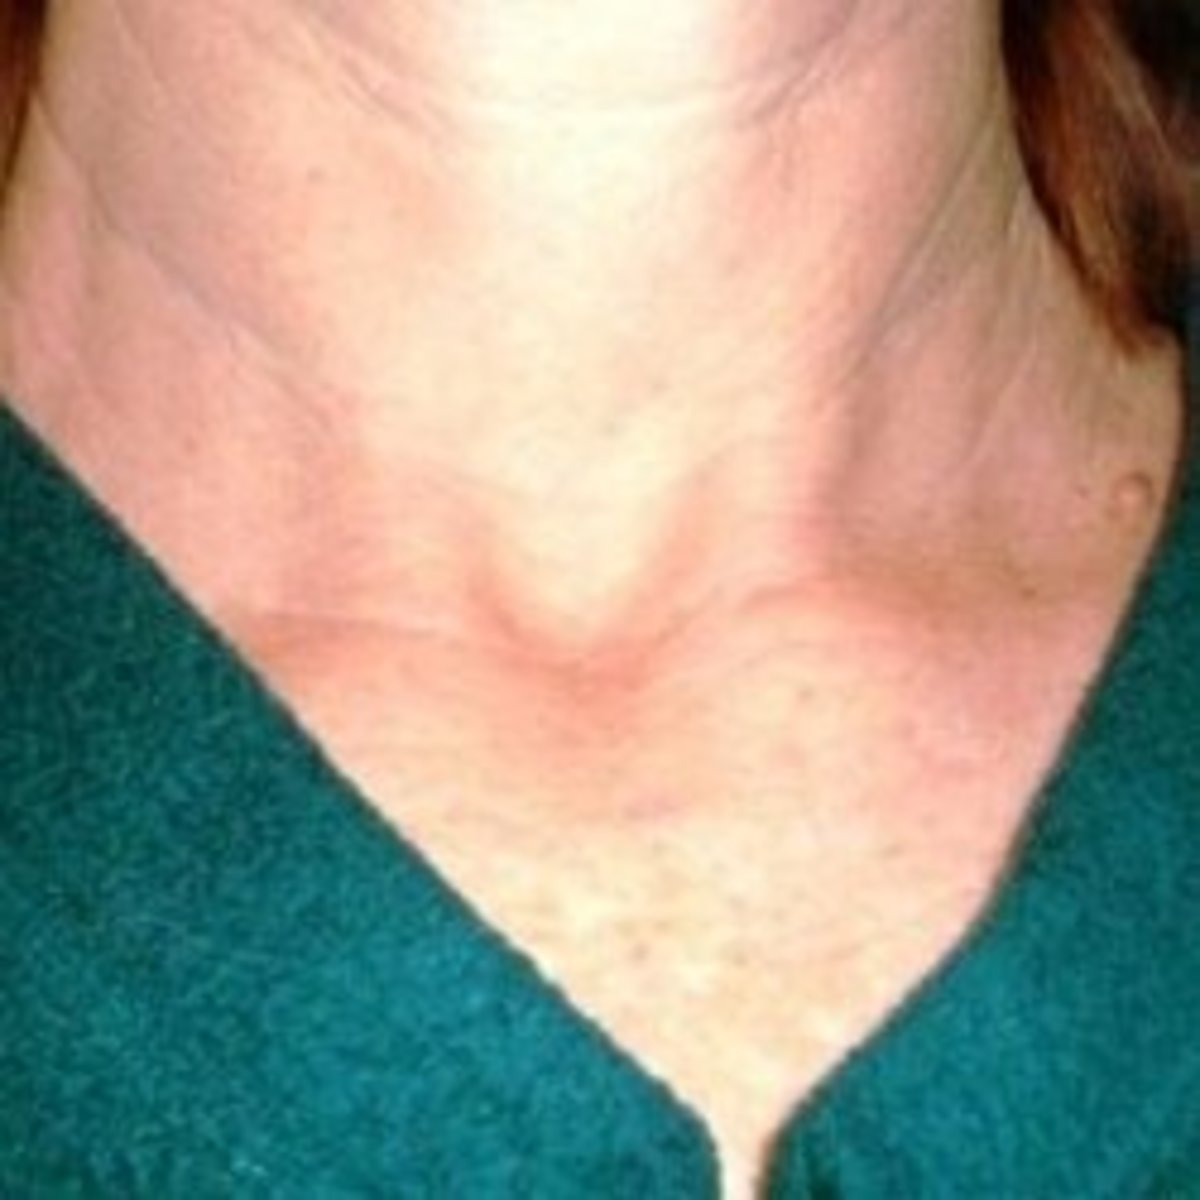 My thyroidectomy scar